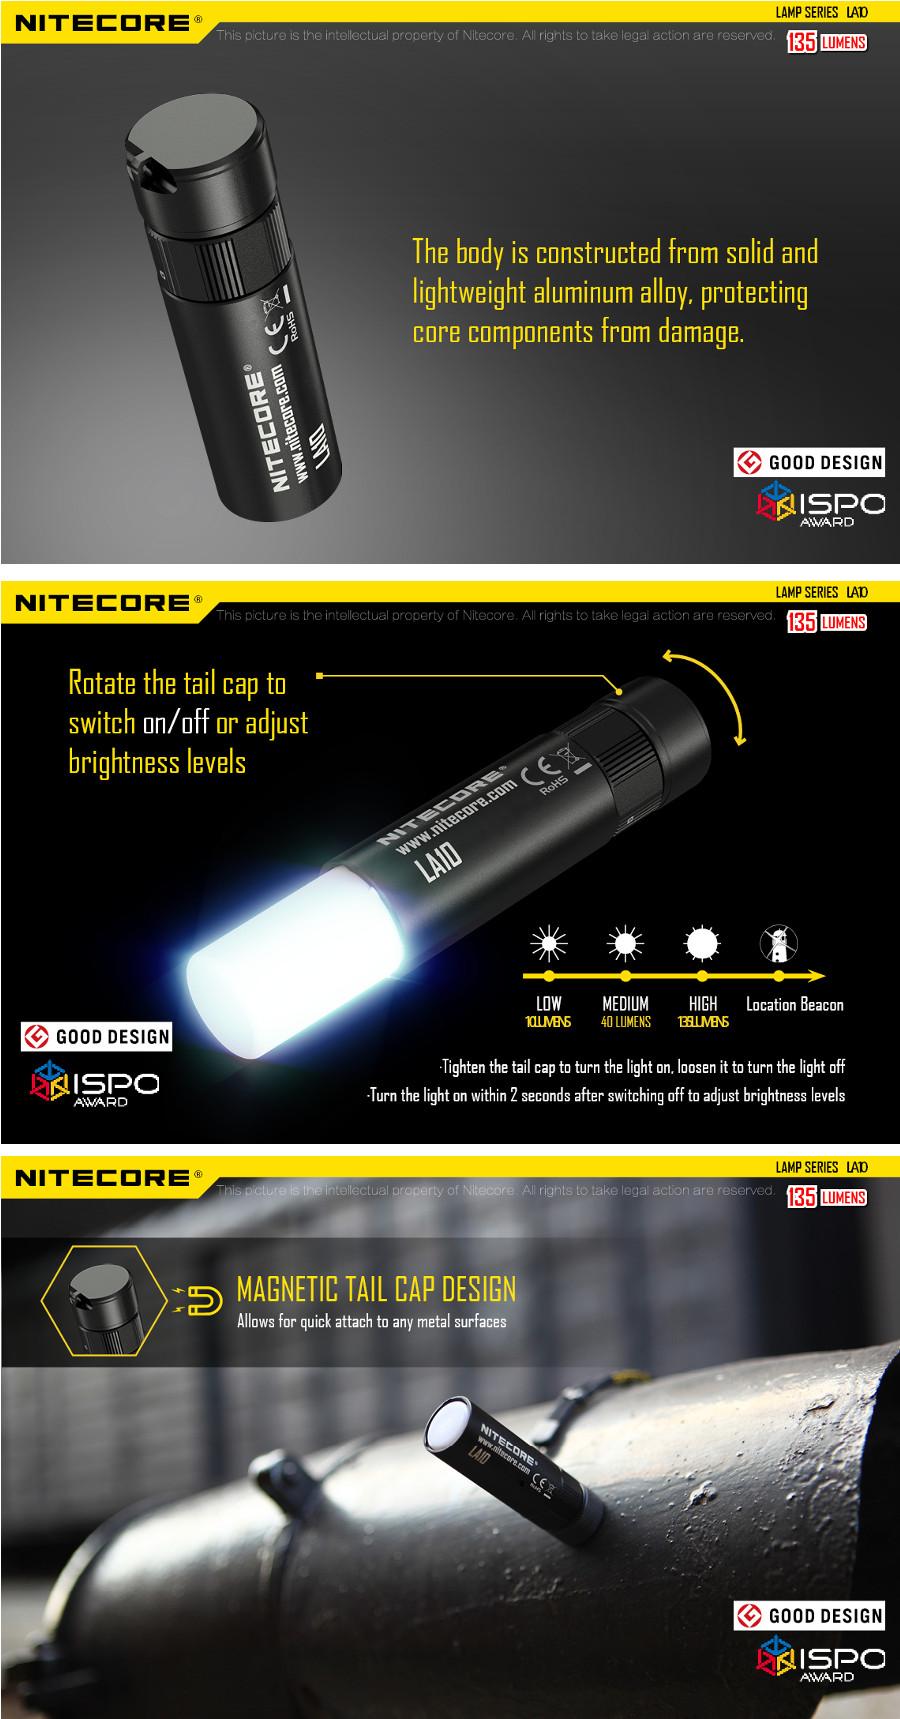 Nitecore LA10 XP-G2 S3 4Modes Magnetic Tail Maintenance Light Flexible Camping EDC LED Flashlight Work Light